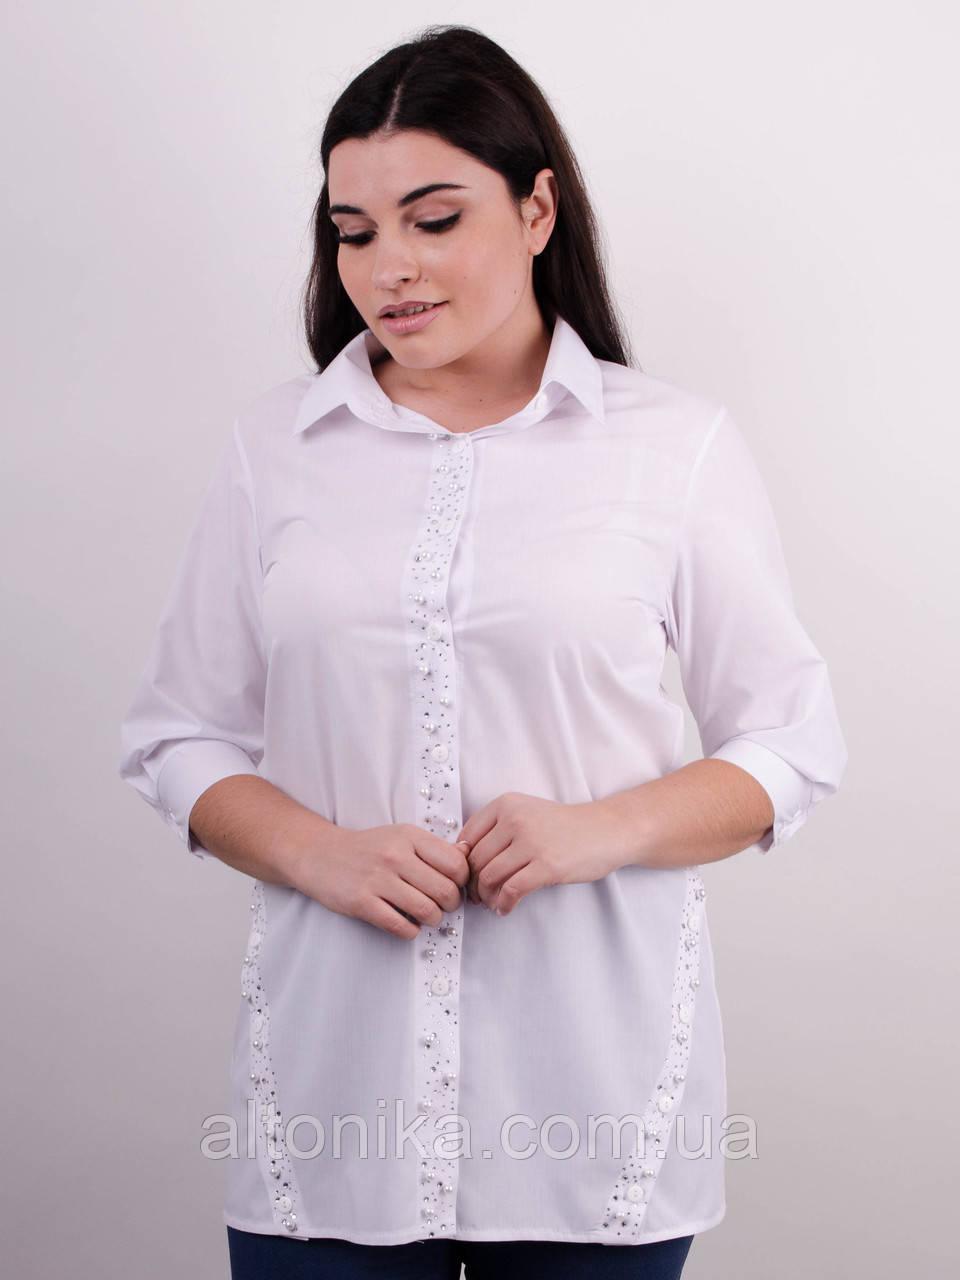 Дакота. Оригинальная женская рубашка больших размеров. 58, 60, 62, 64